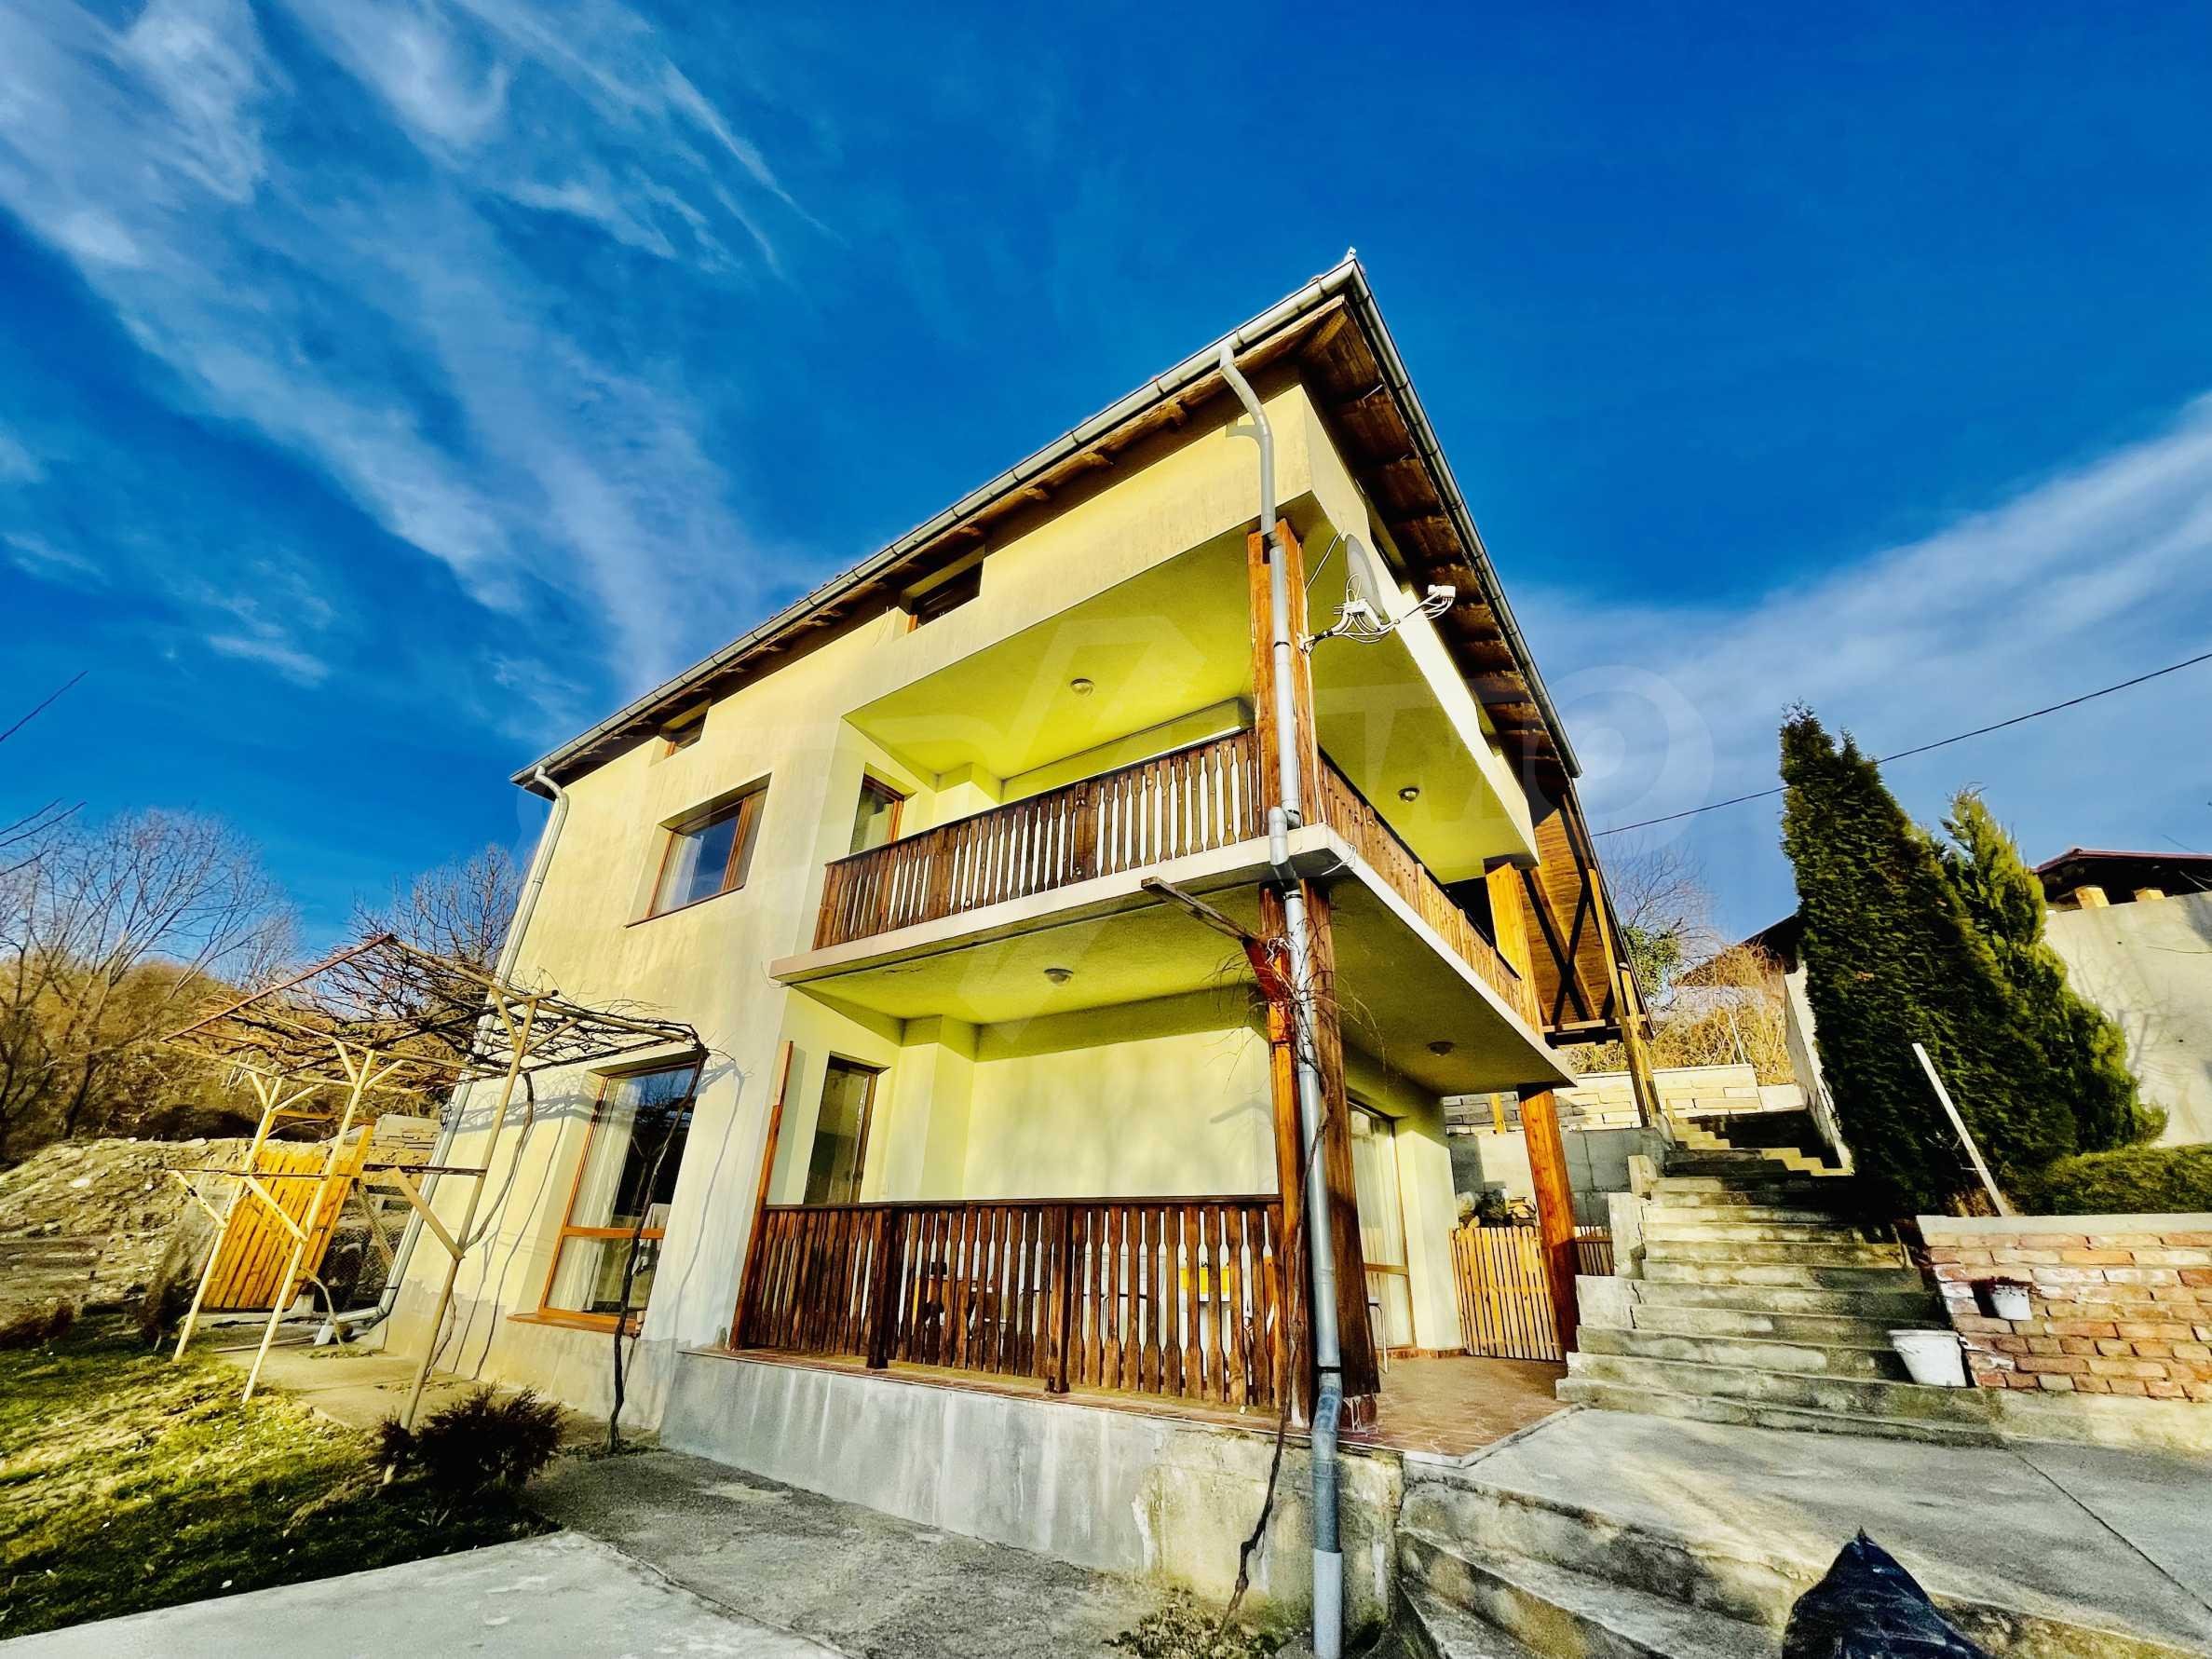 Gemütliches, neu erbautes dreistöckiges Haus 2 km von Trjawna entfernt